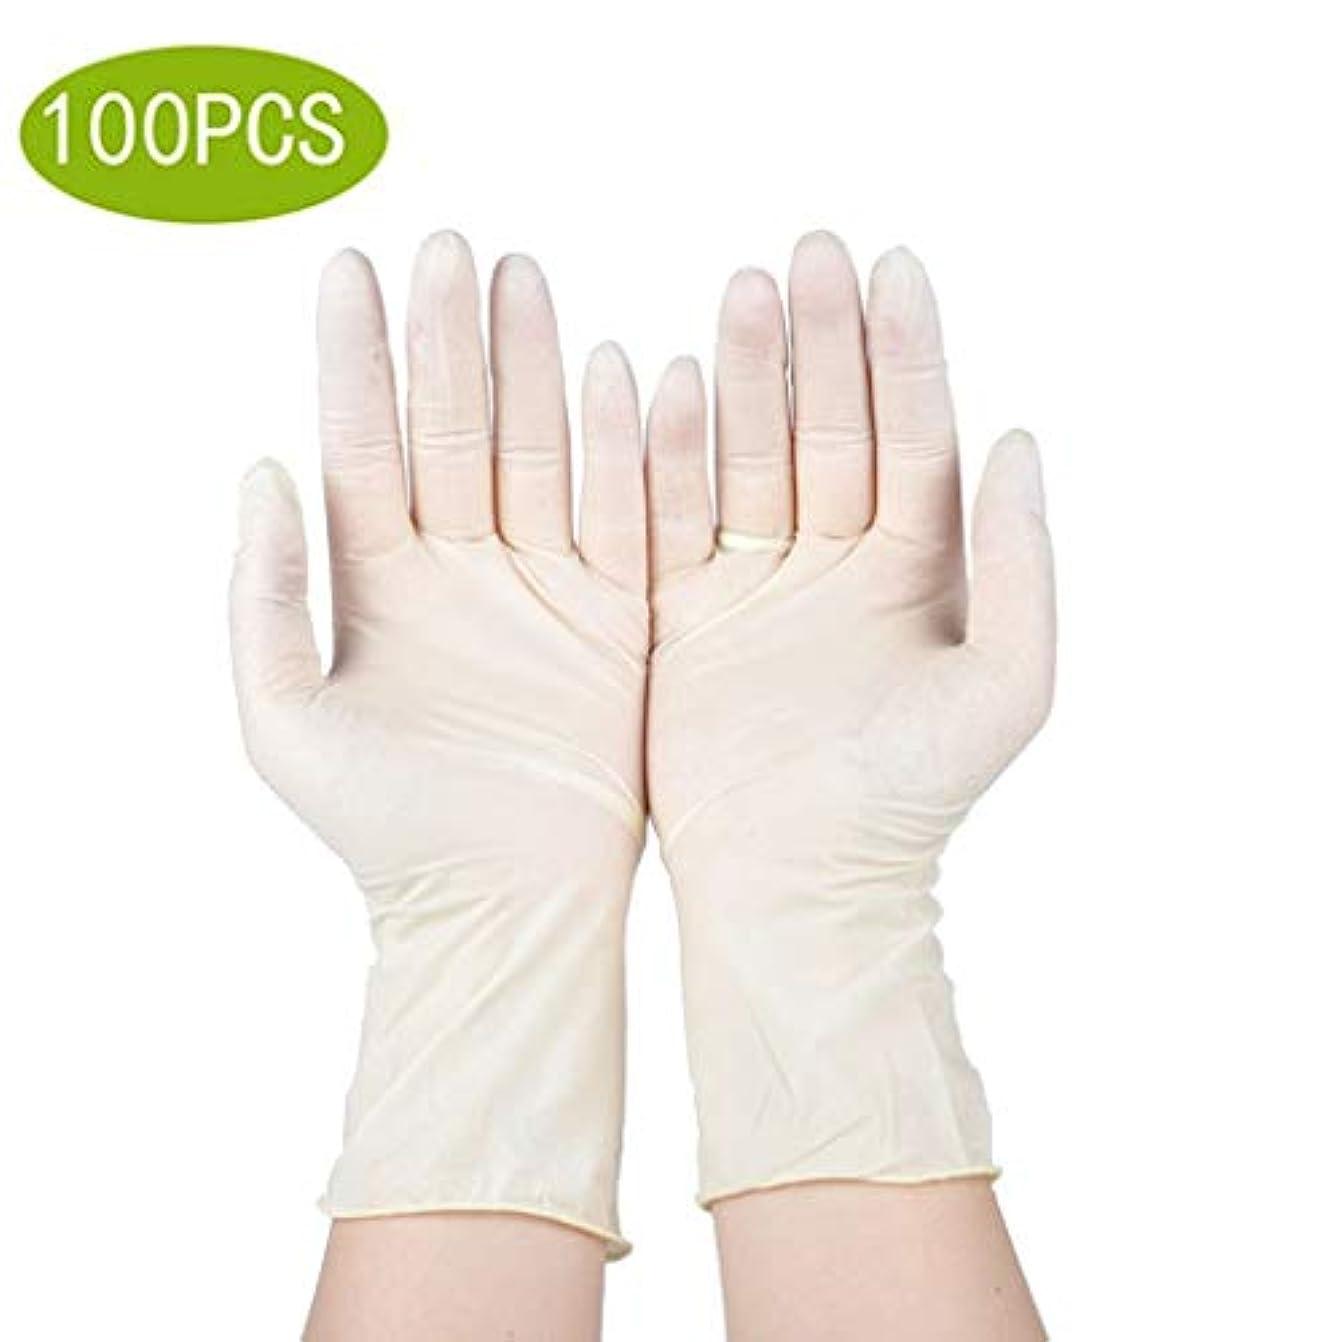 タップ否認するニトリル手袋義務使い捨てビニール手袋、100カウント、特大 - パウダーフリー、両性、極度の快適さ、特別に強く、丈夫で伸縮性がある、医療、食品、マルチユース (Color : Latex Gloves, Size : M)